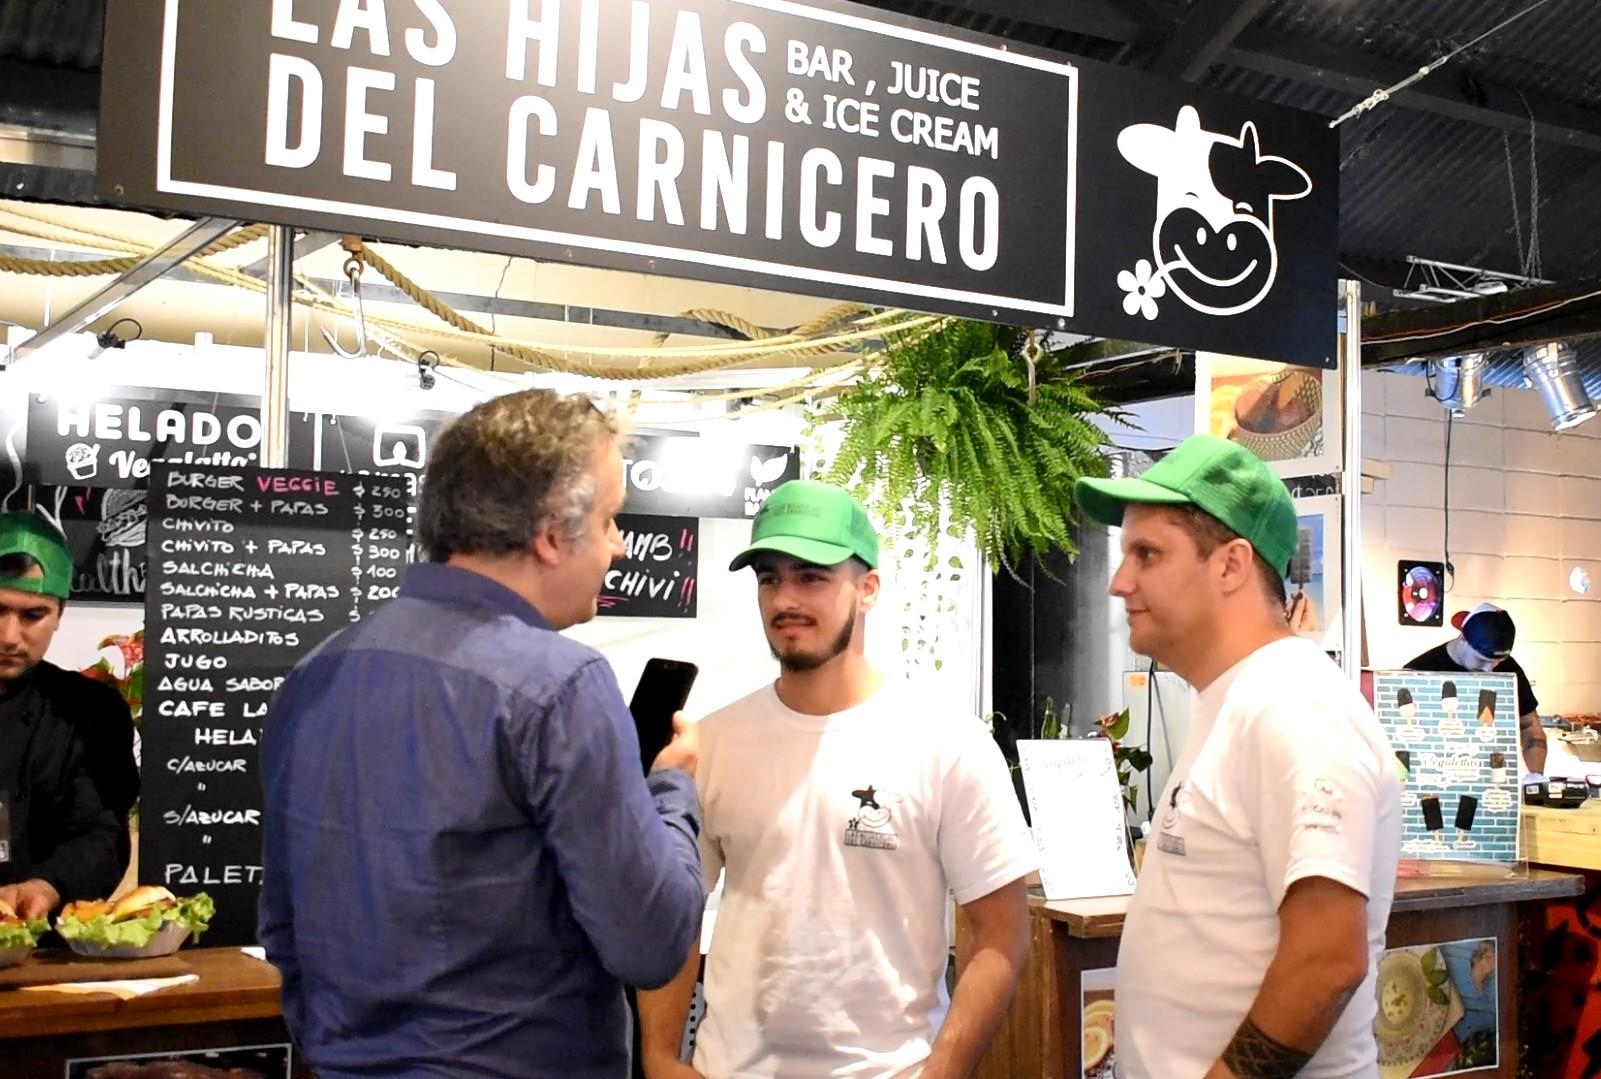 Gonzalo Mastoros (centro) y Martín Bonavita (derecha), del staff de Las Hijas del Carnicero. Foto: Carlos Loría